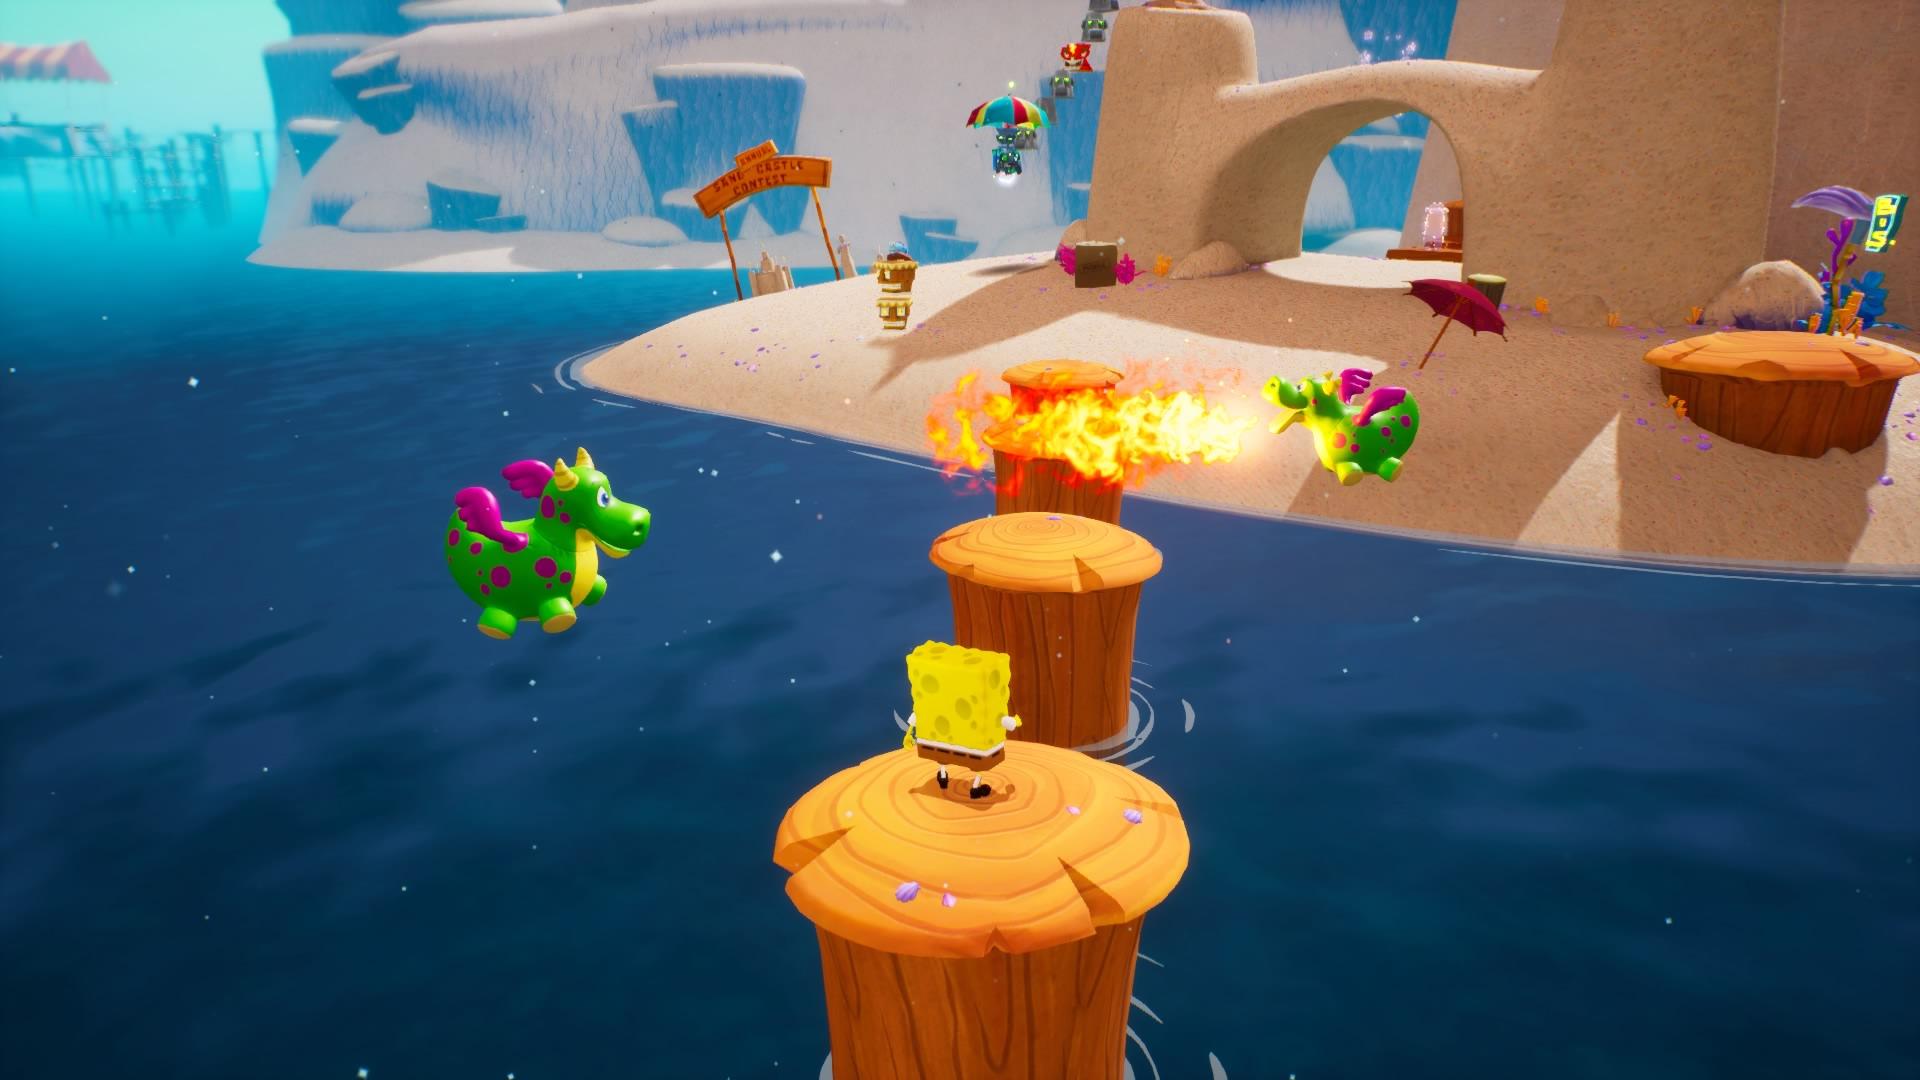 Recenzja SpongeBob SquarePants: Battle for Bikini Bottom - Rehydrated. Naprawdę udany tytuł nie tylko dla najmłodszych 22